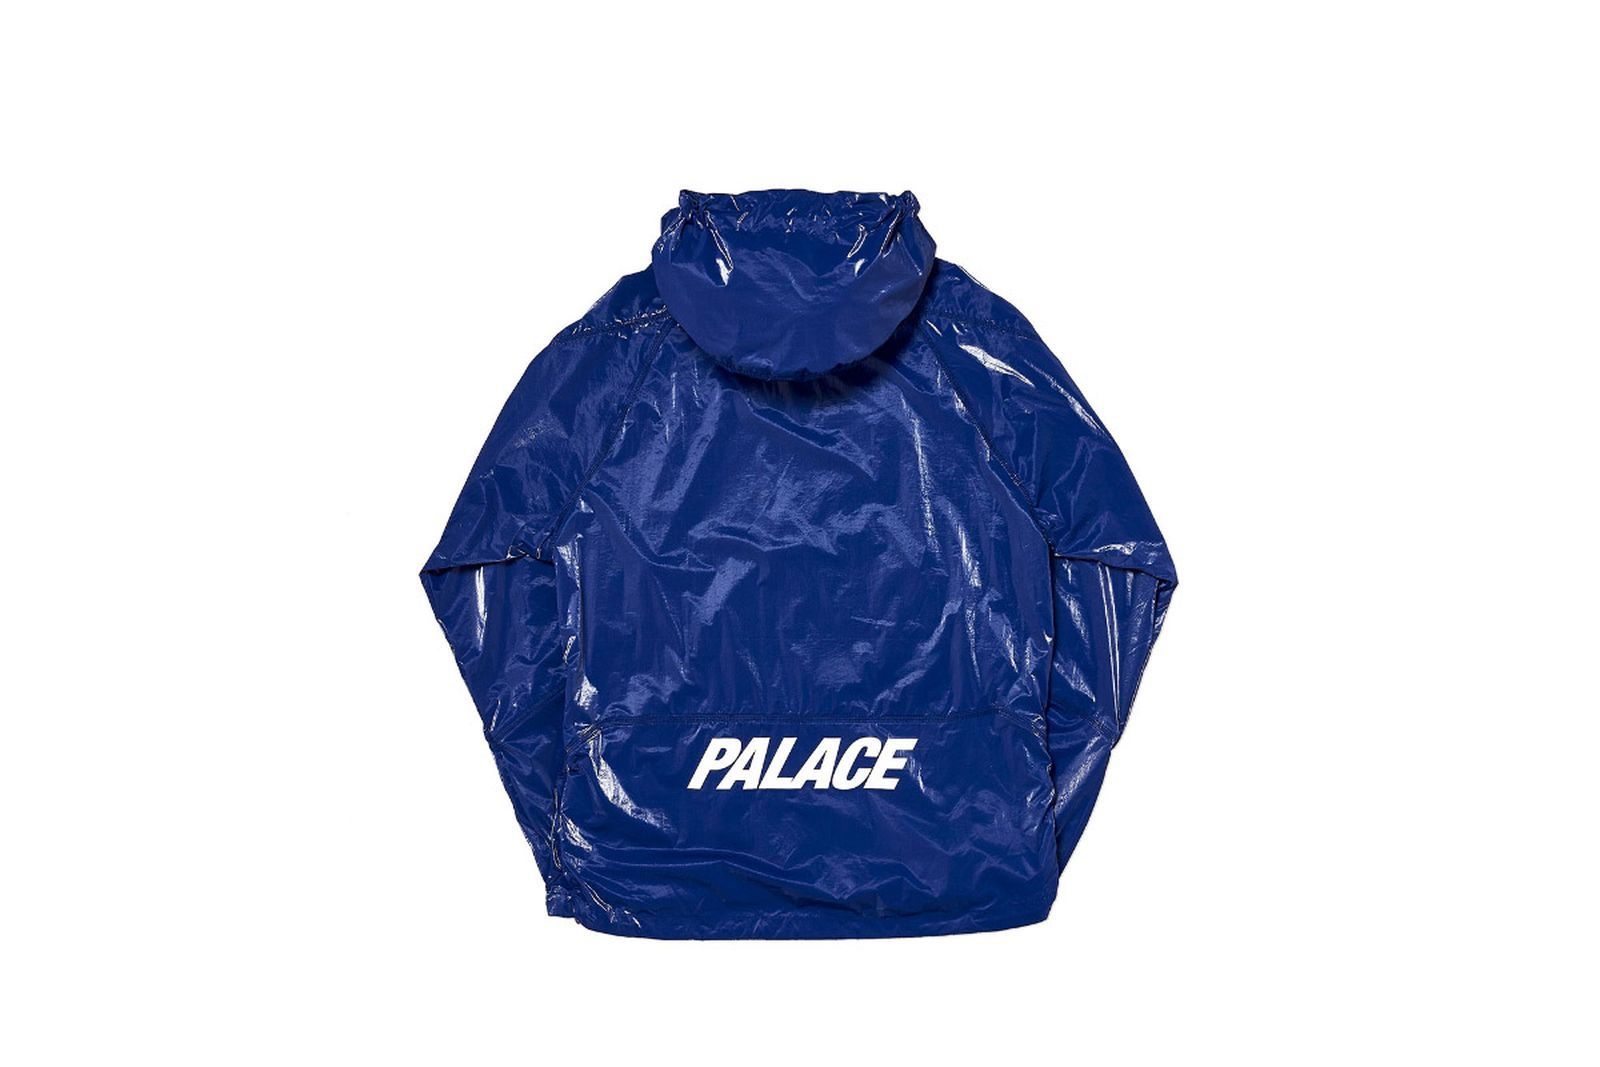 Palace 2019 Autumn Jacket G Loss Jacket blue back fw19